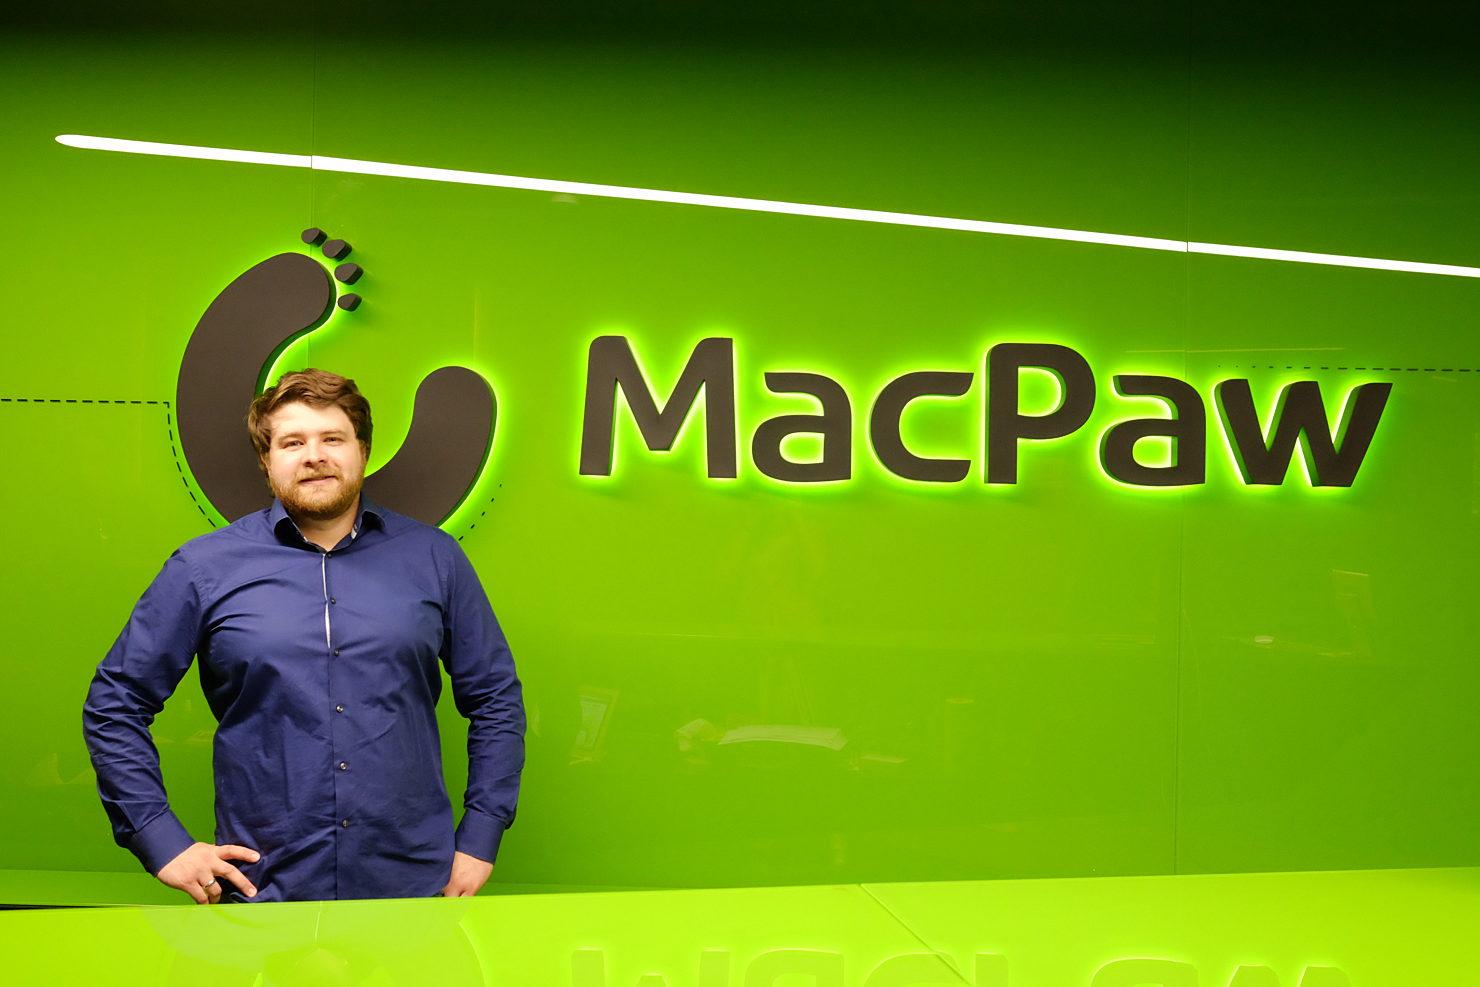 Интервью: Александр Косован: «Мы в MacPaw вкладываем много внимания и любви в то, что делаем». Александр Косован — основатель и руководитель компании MacPaw